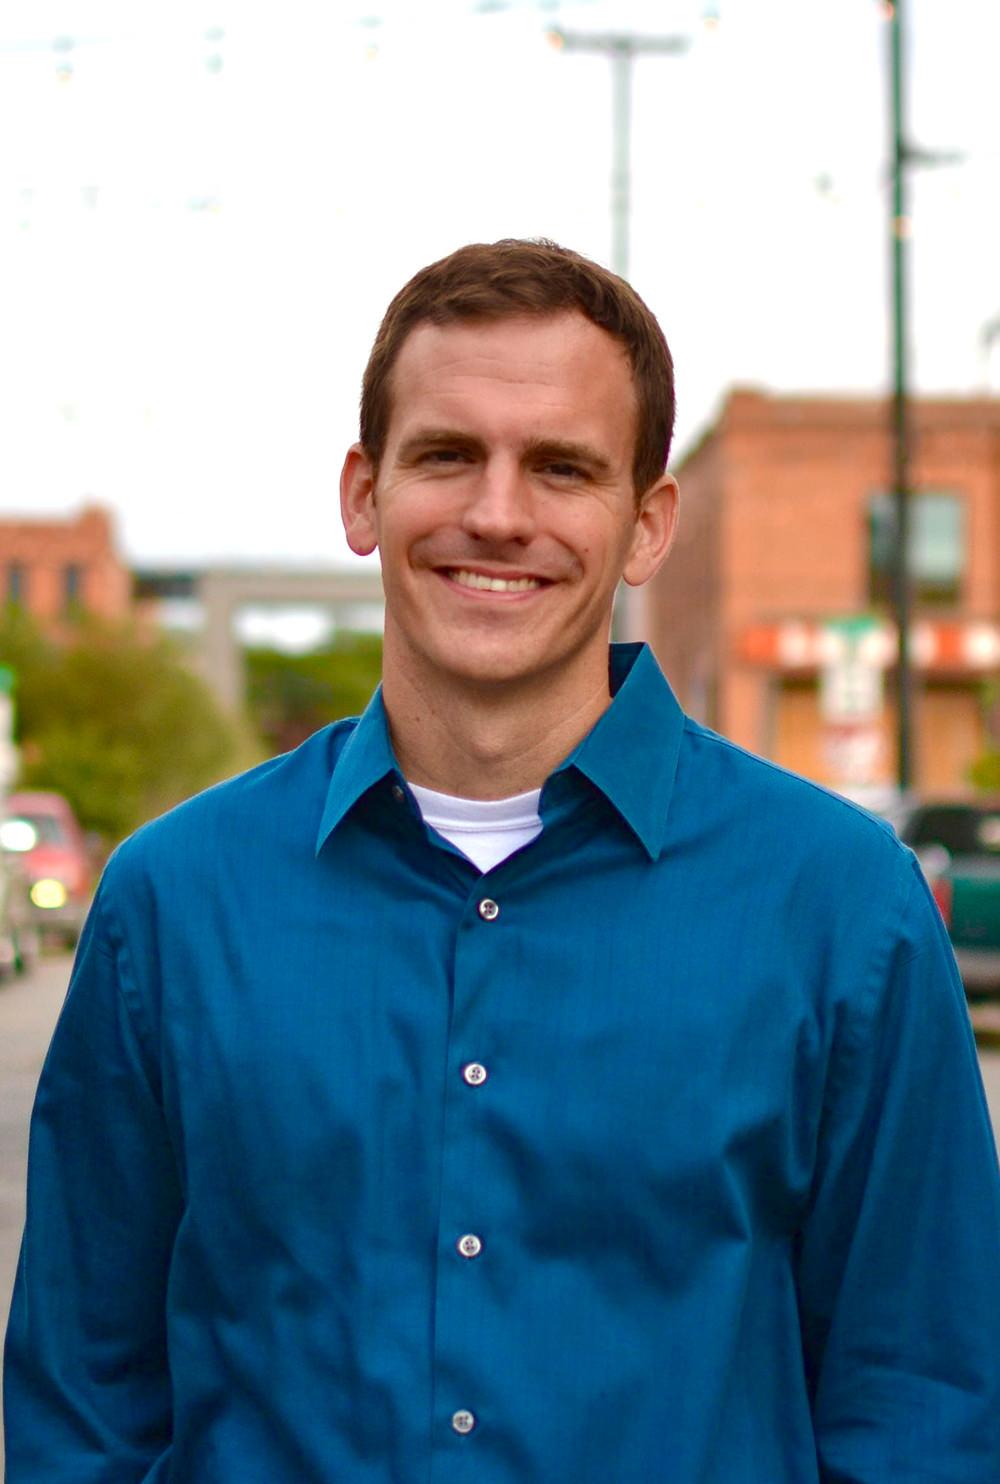 Blake Brunson